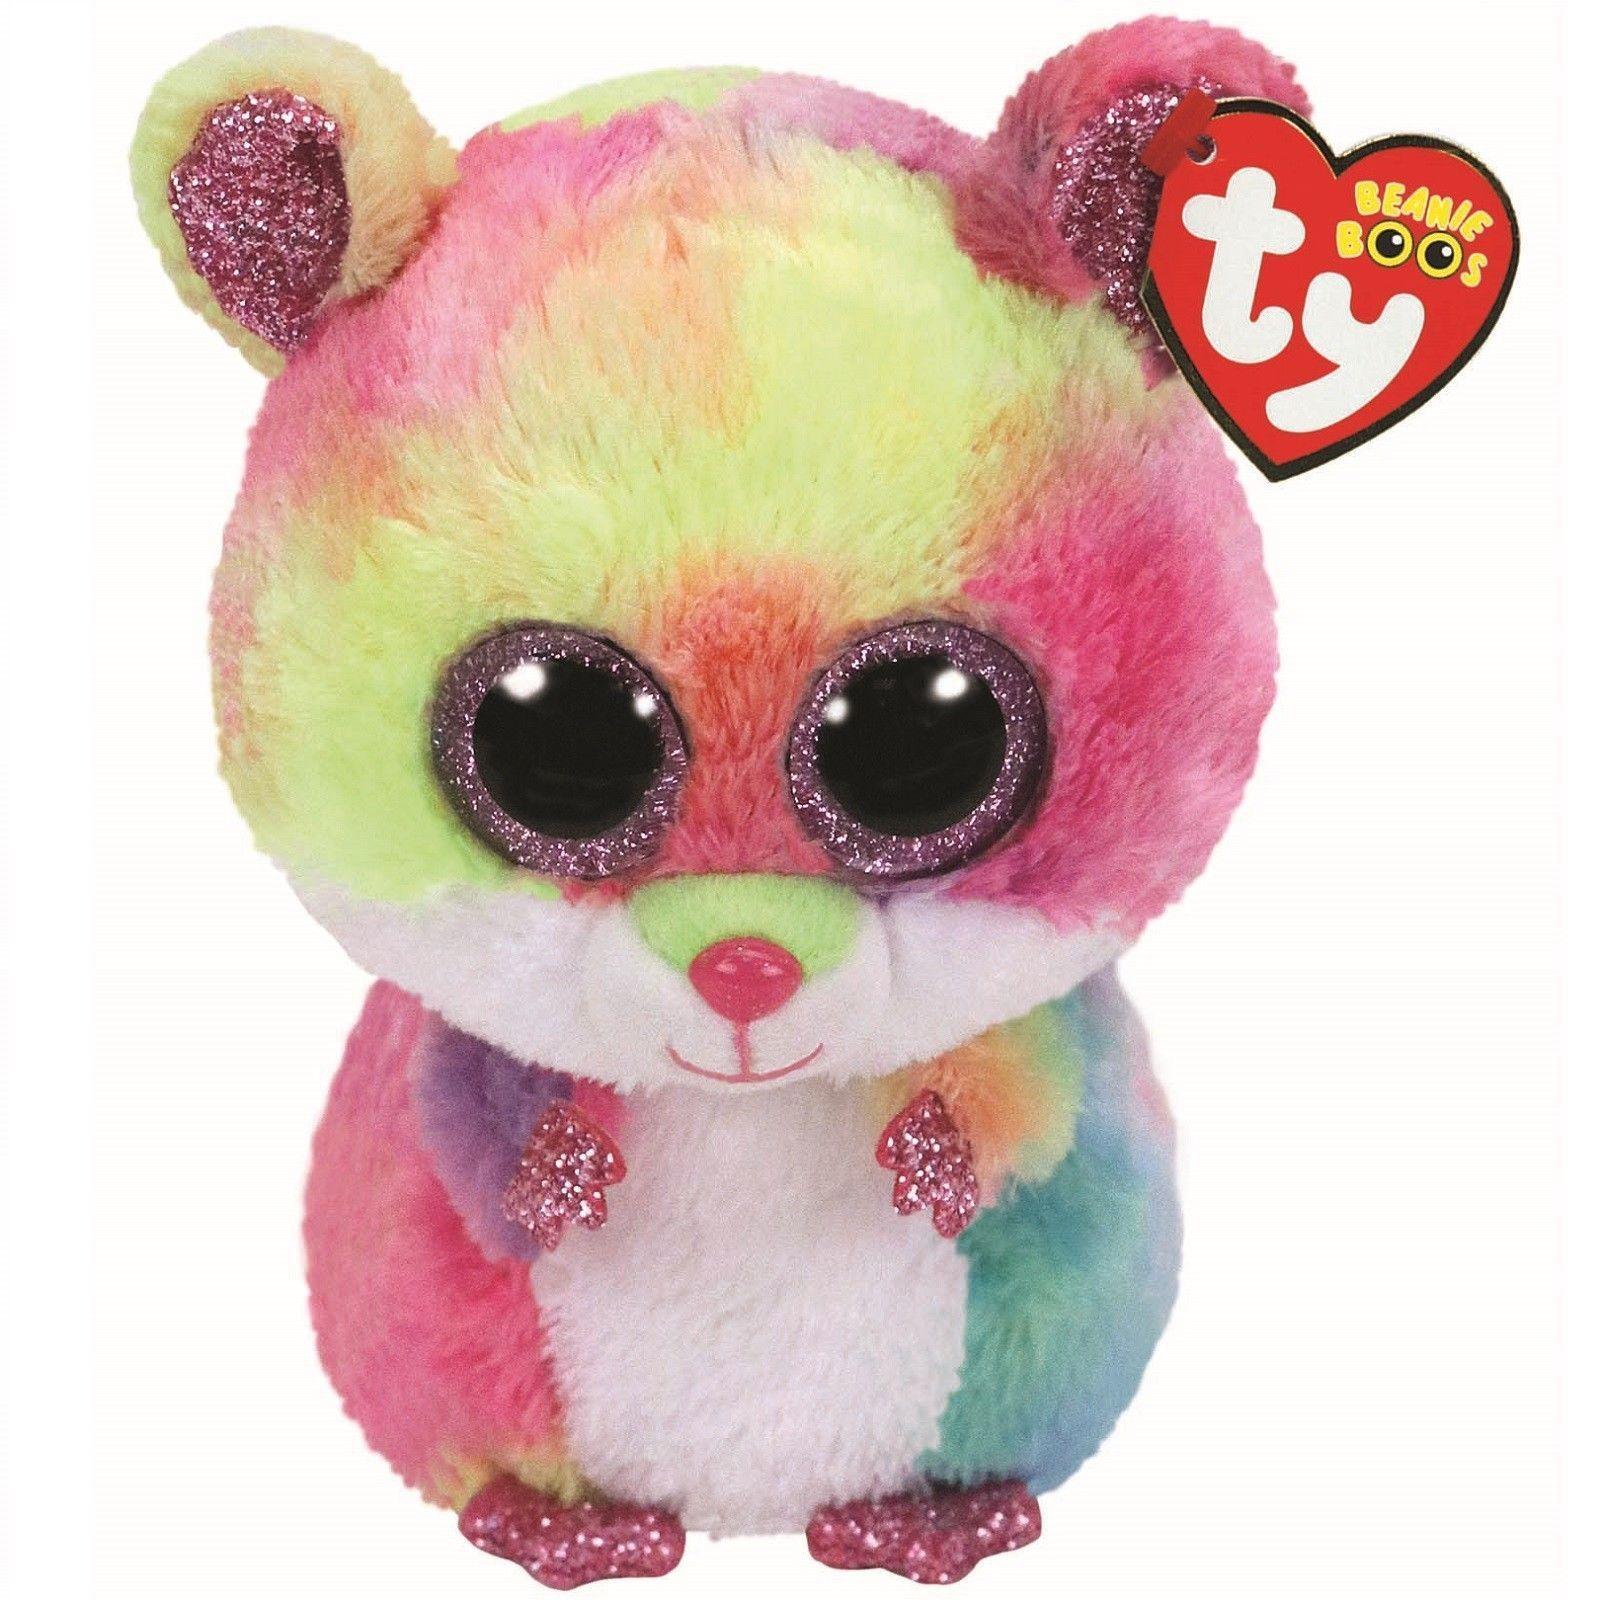 TY Beanie Boo Cuddly Cute Soft Plush Fox Toy Children Kids Gift Fun Play 15cm